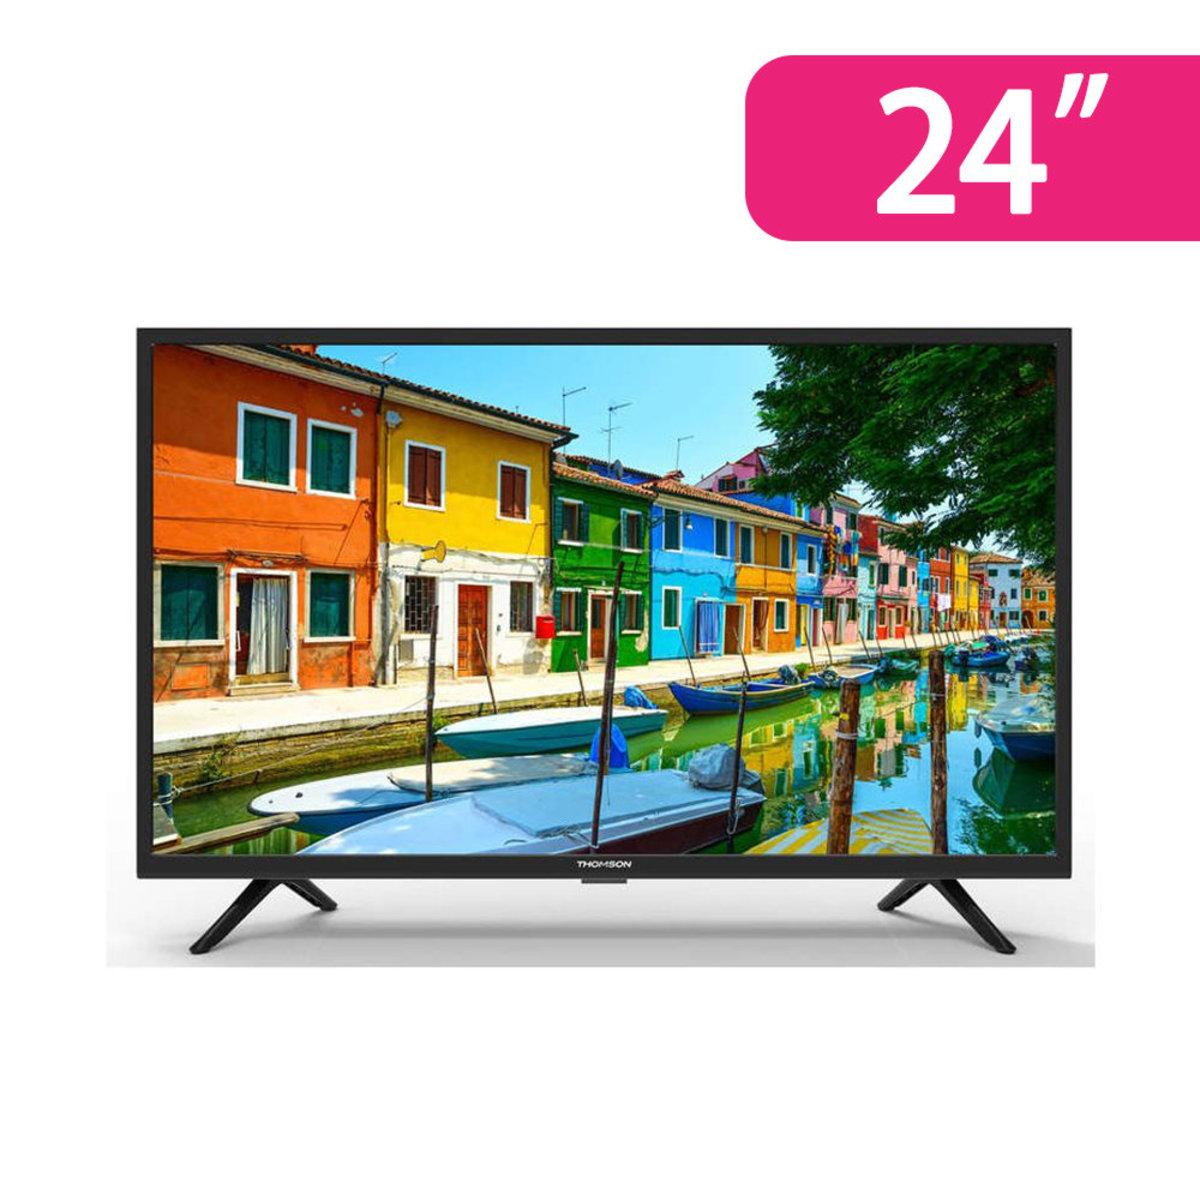 24吋全高清數碼電視 - TVLED24 (原裝行貨)